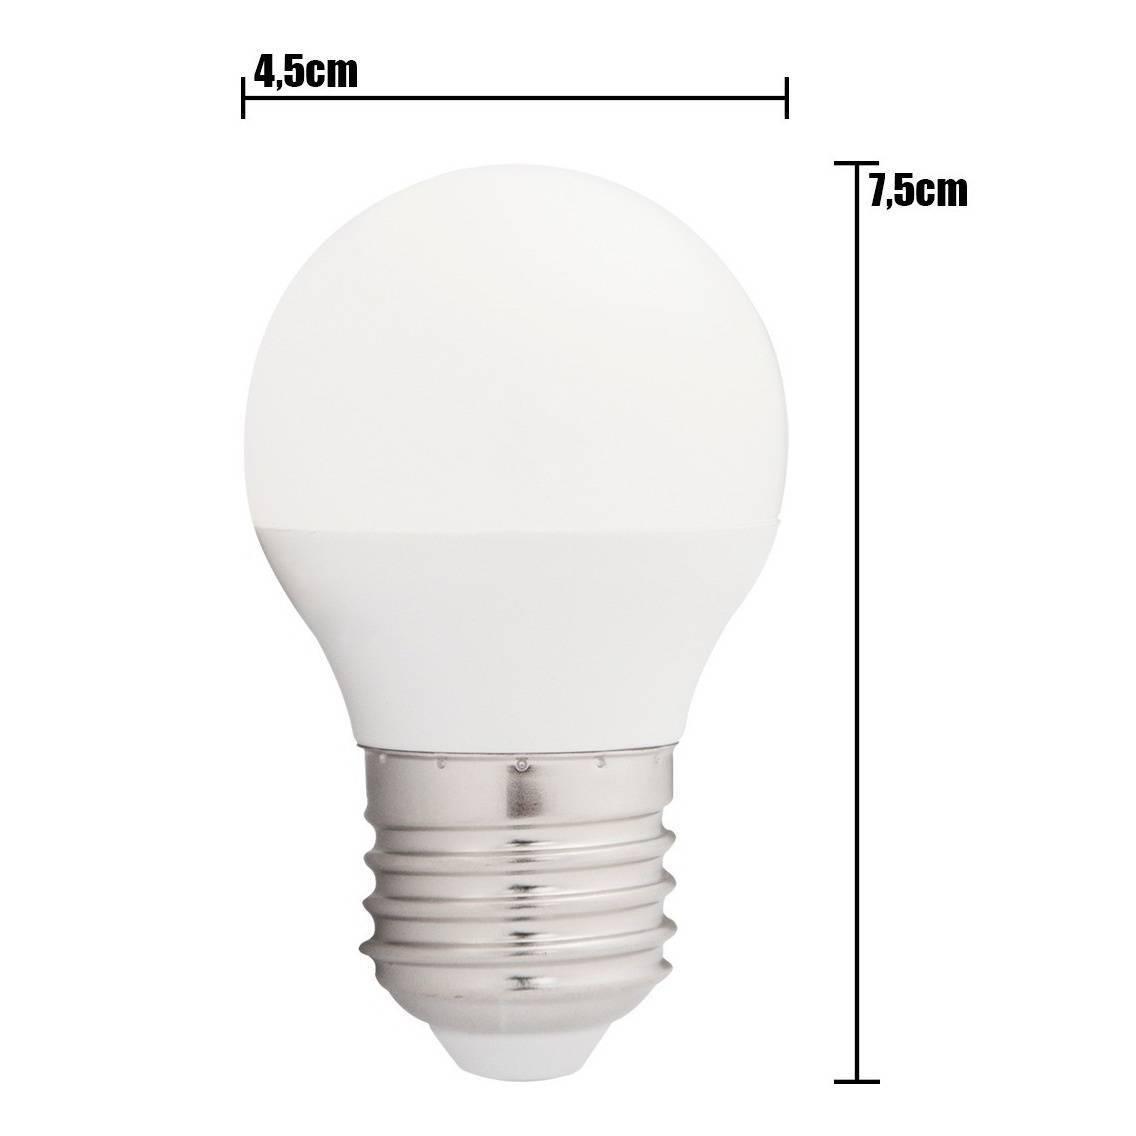 Kit 10 Lâmpada Led 5w Bulbo E27 Bivolt Branco Quente Bolinha - LCGELETRO